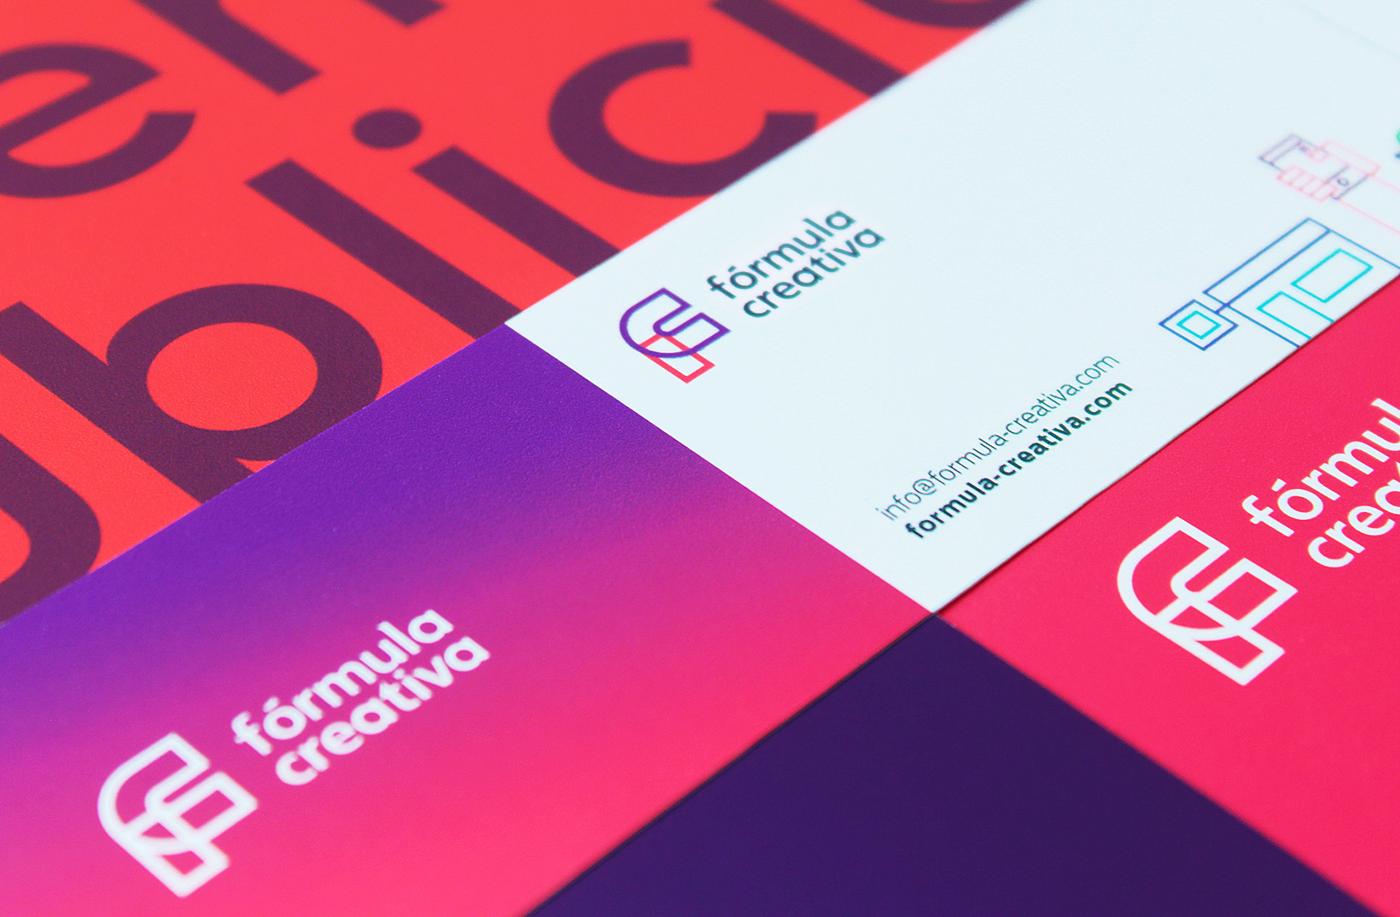 墨西哥设计工作室 Fórmula Creativa 品牌视觉设计 欣赏-第7张